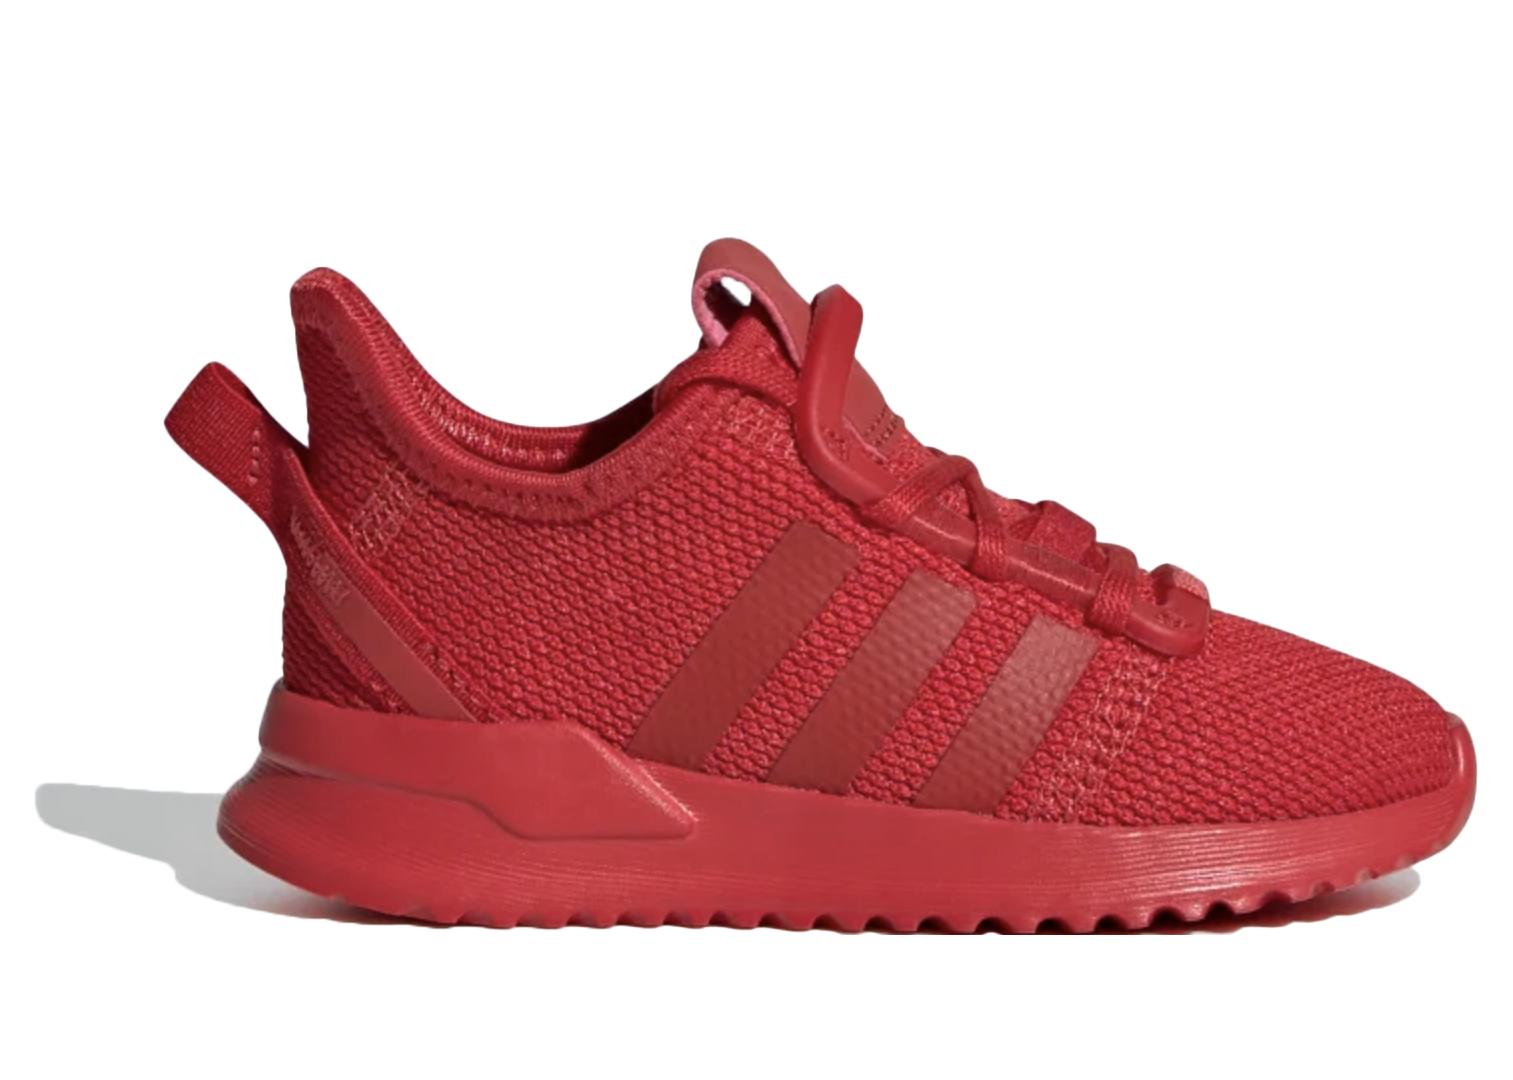 adidas U Path Run Triple Scarlet (TD